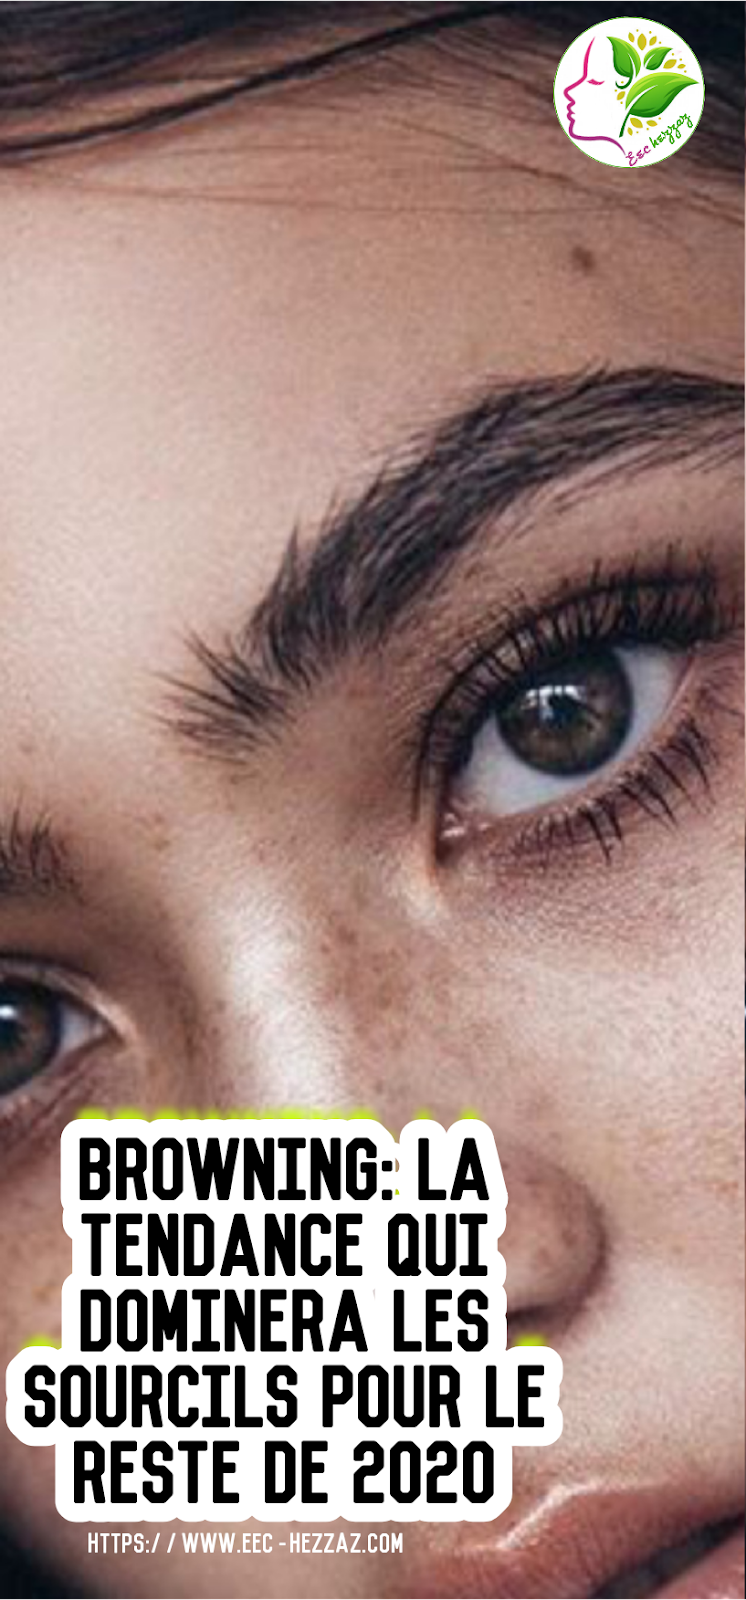 Browning: la tendance qui dominera les sourcils pour le reste de 2020